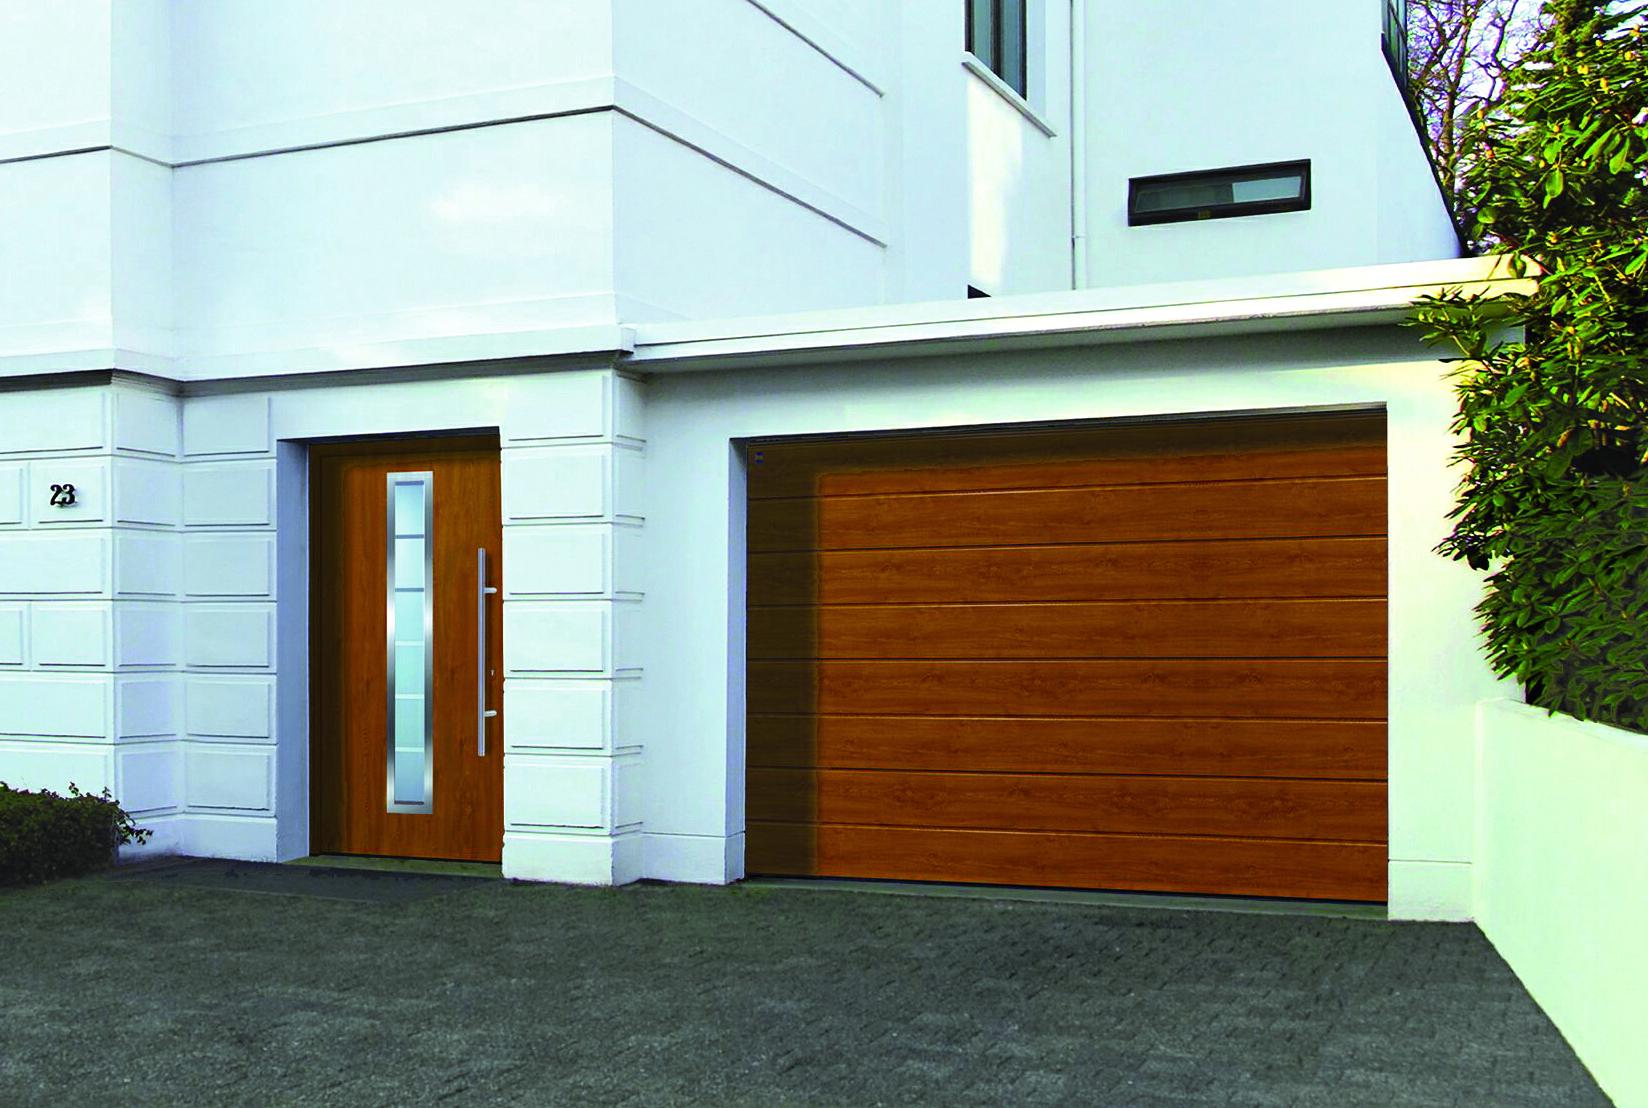 drzwi-wejsciowe-jednoczesnie-cieple-bezpieczne-i-ladne-czy-to-mozliwe